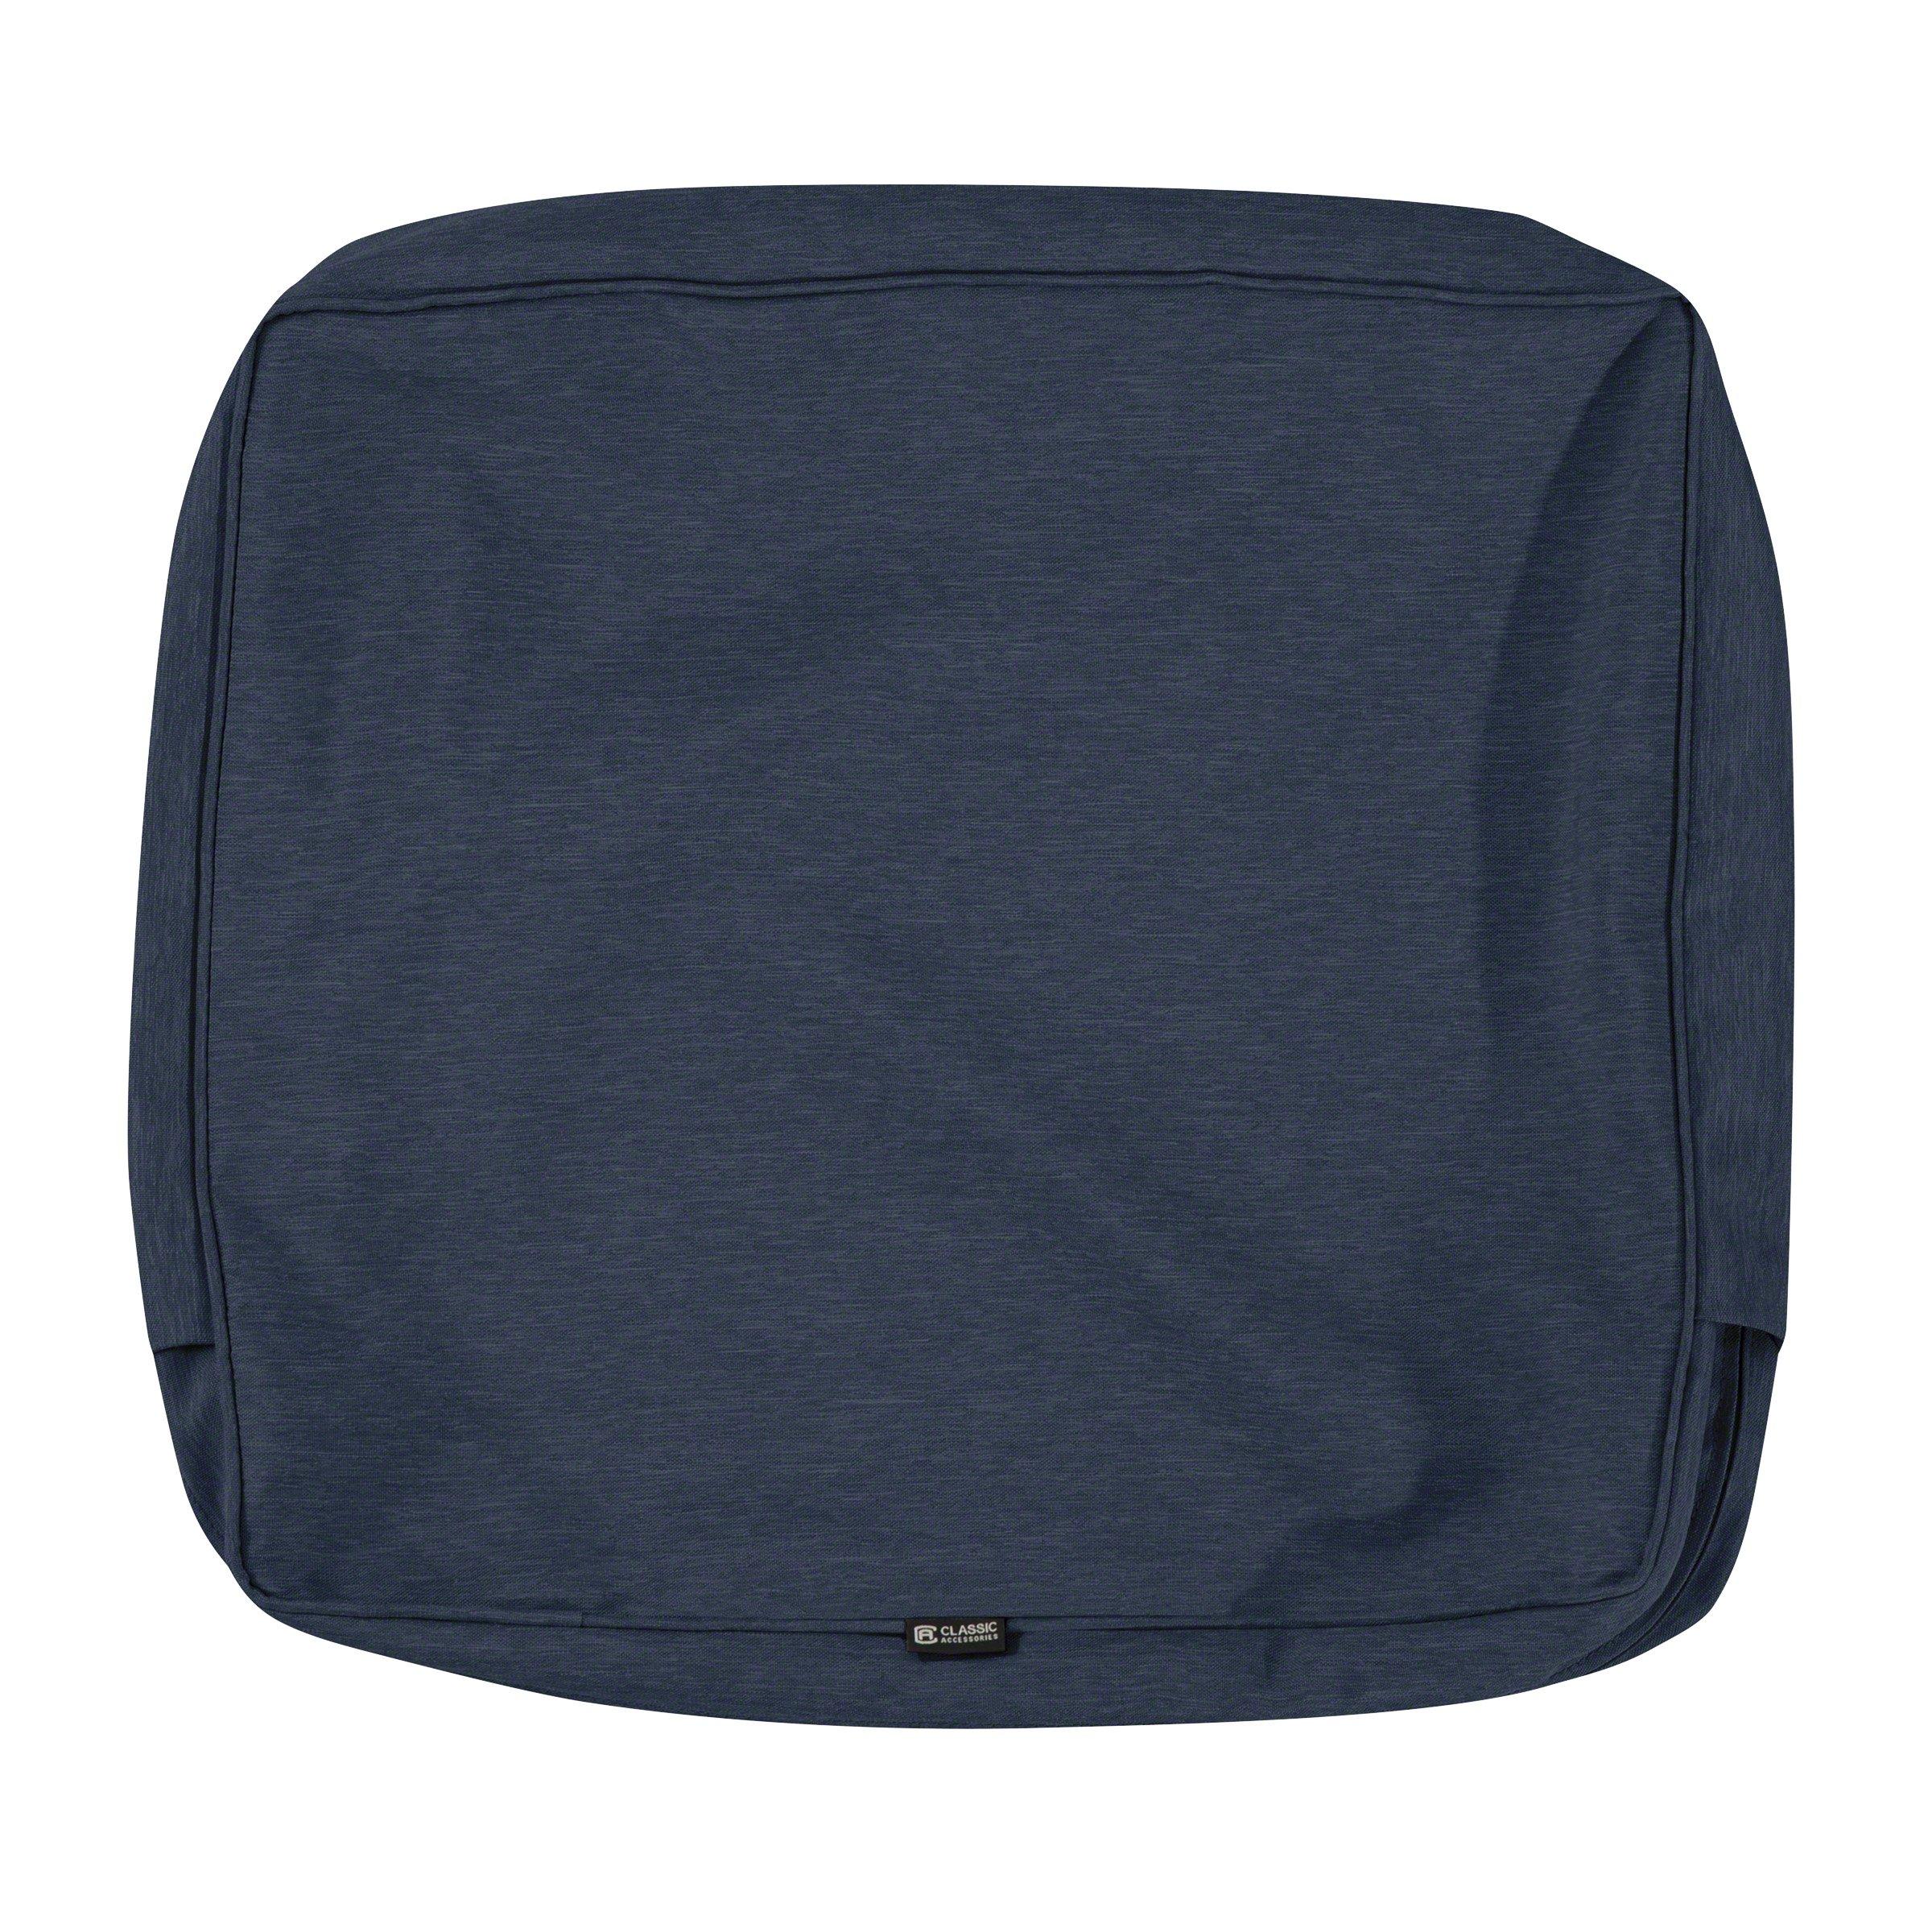 Classic Accessories Montlake Patio FadeSafe Back Cushion Slip Cover, Indigo 23'' Wx22 Hx4 T